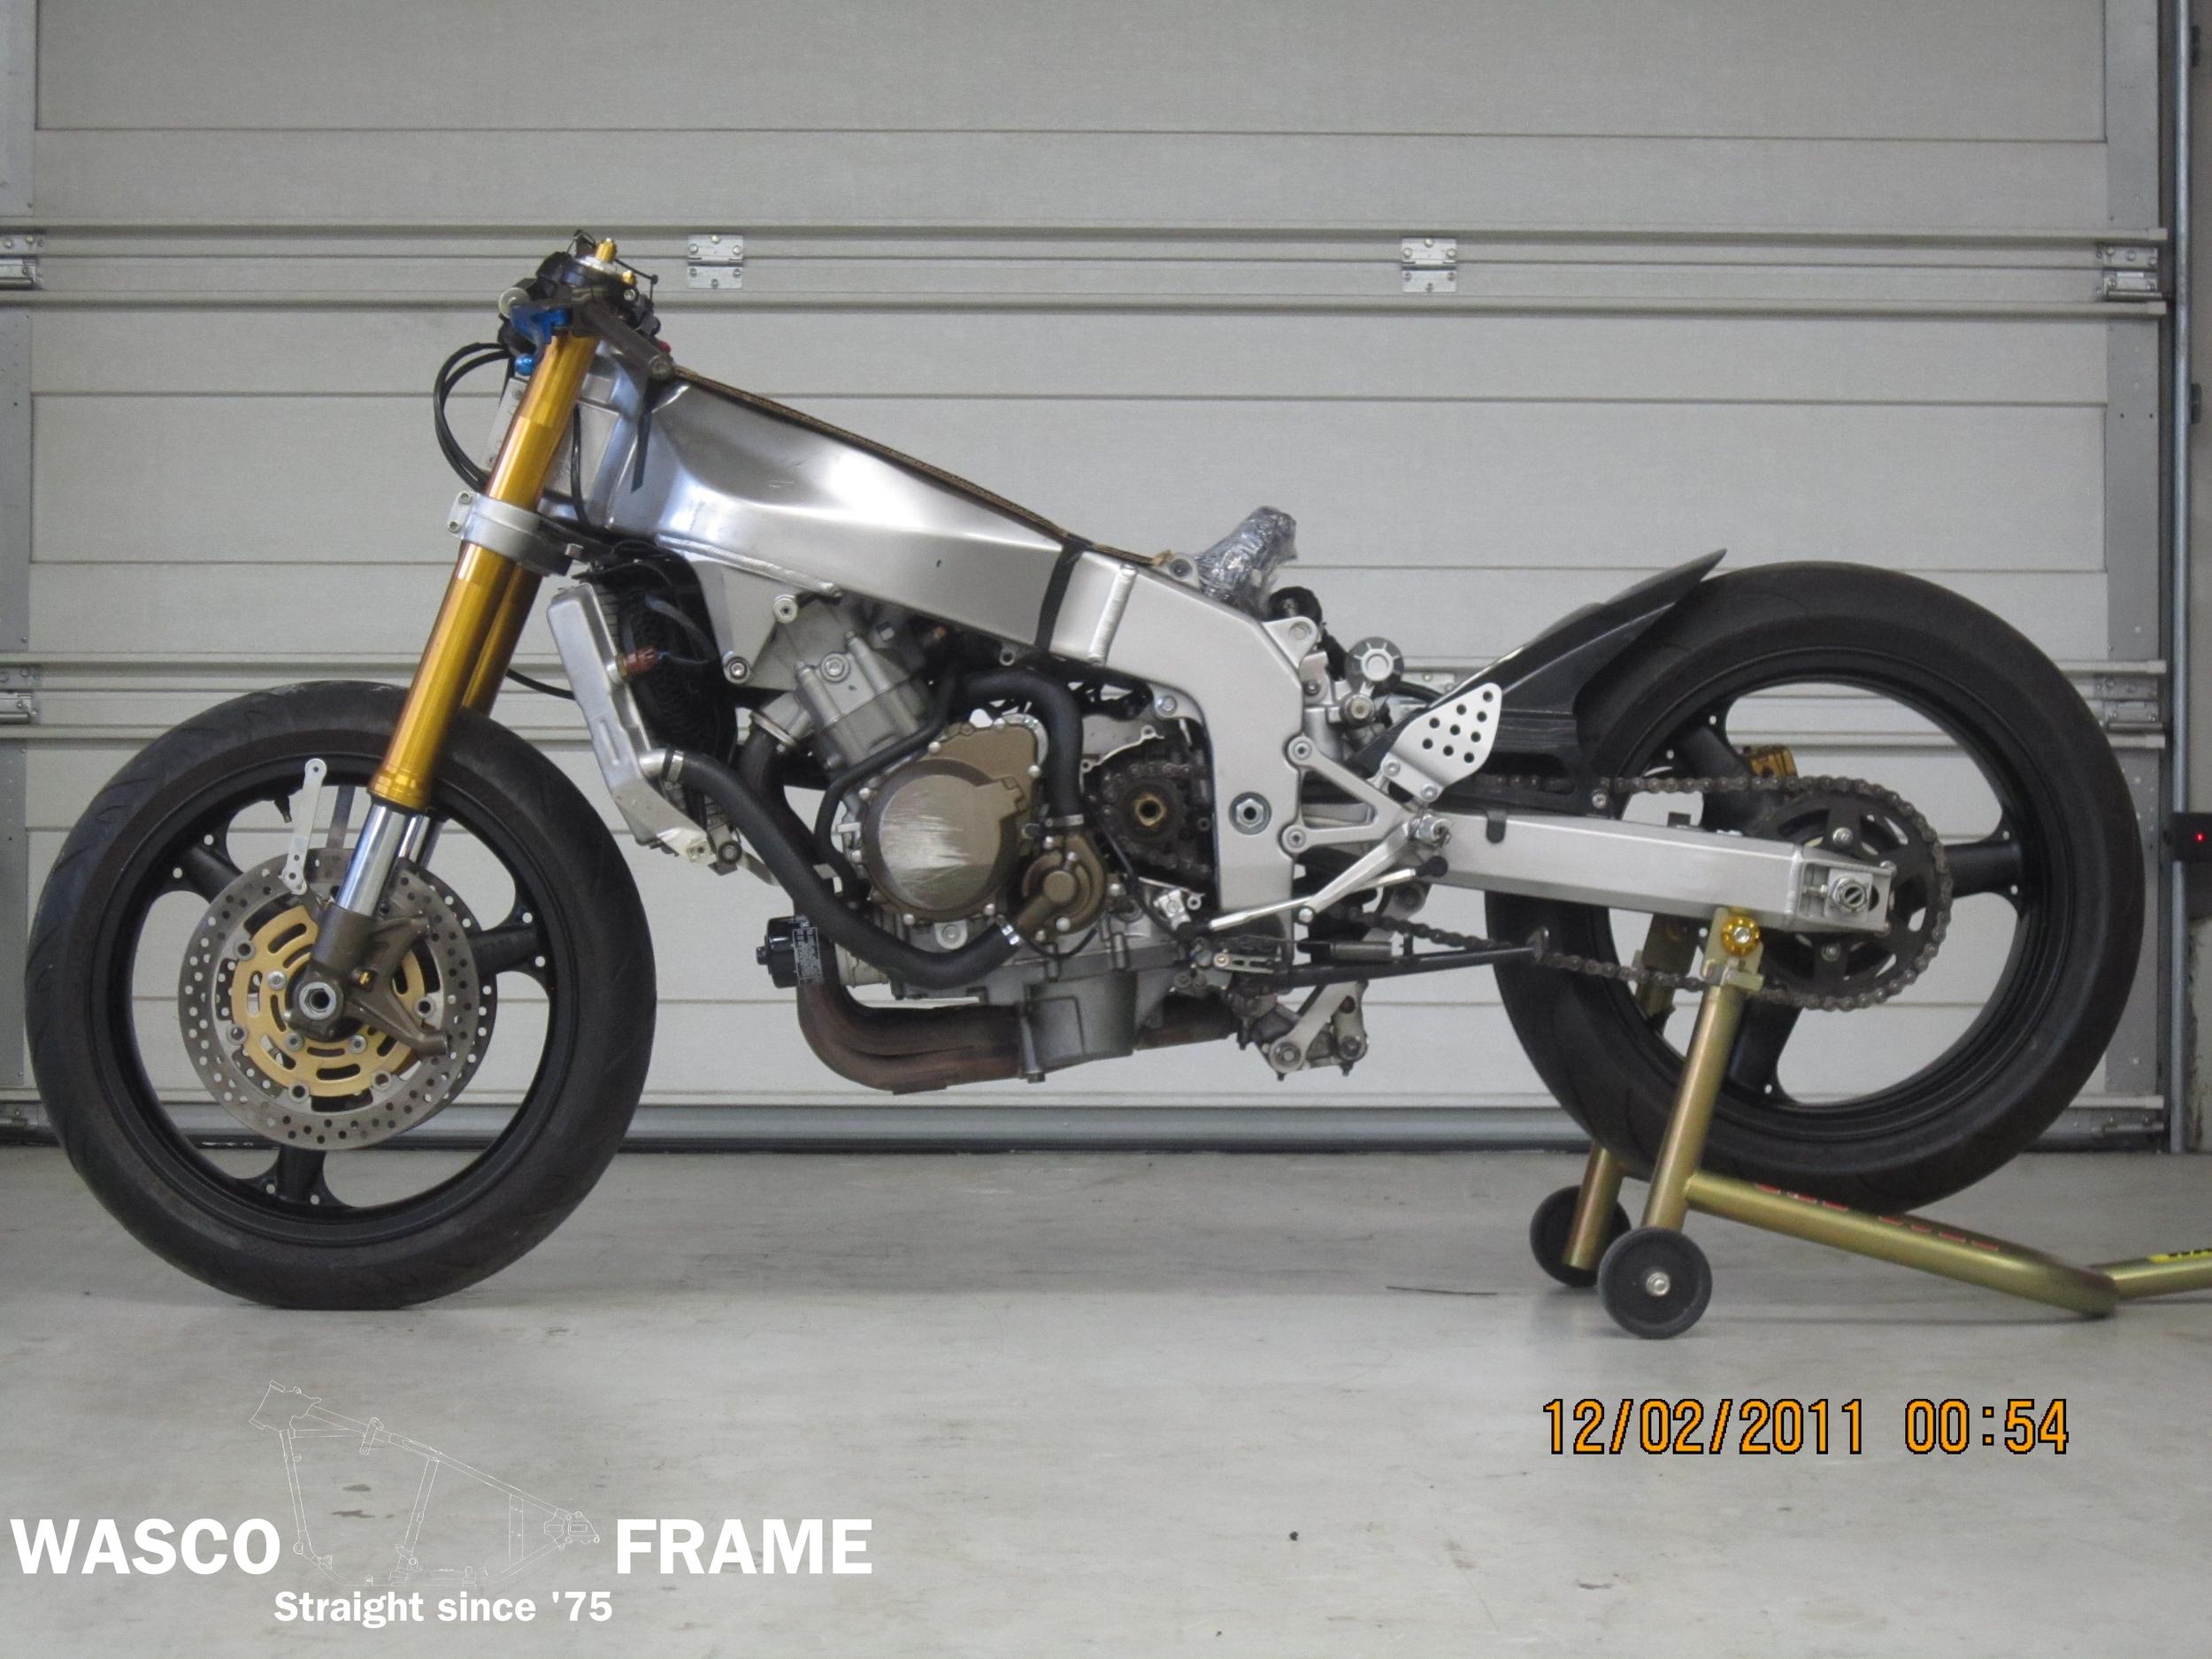 2004-kawasaki-636-frame.jpg